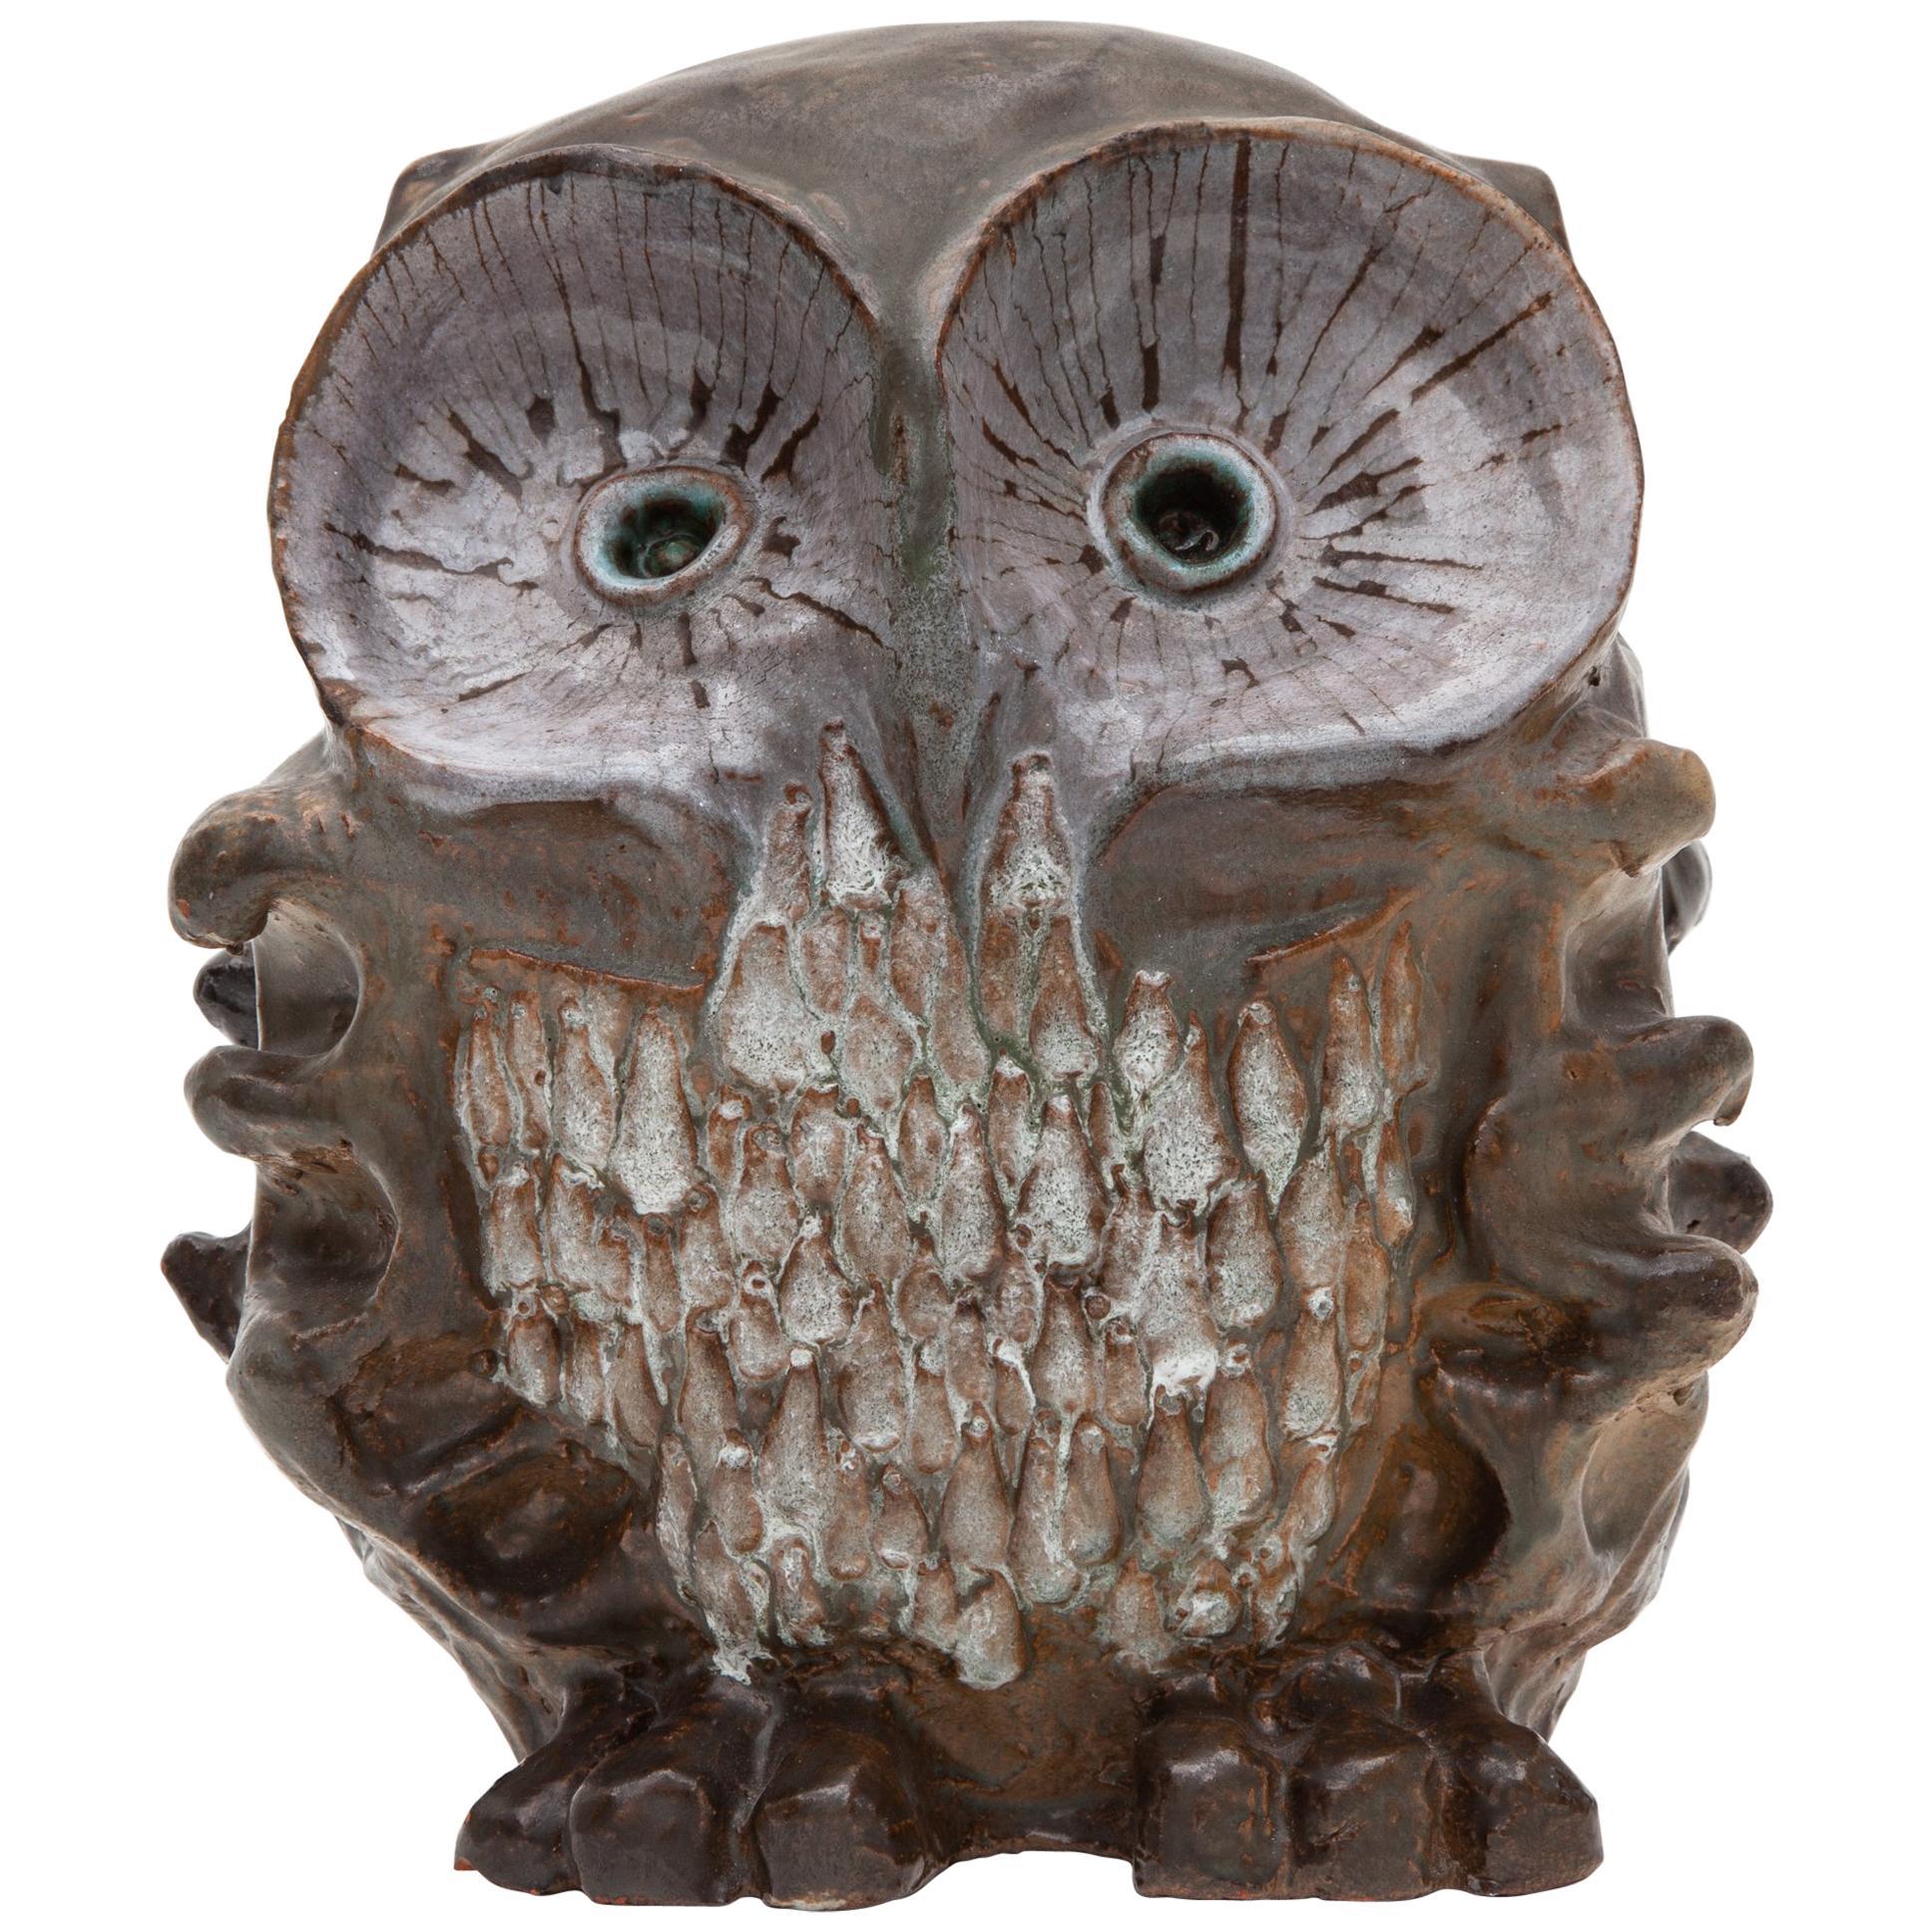 Large Ceramic Glazed Owl Sculpture by Perignem, 1970s Belgium